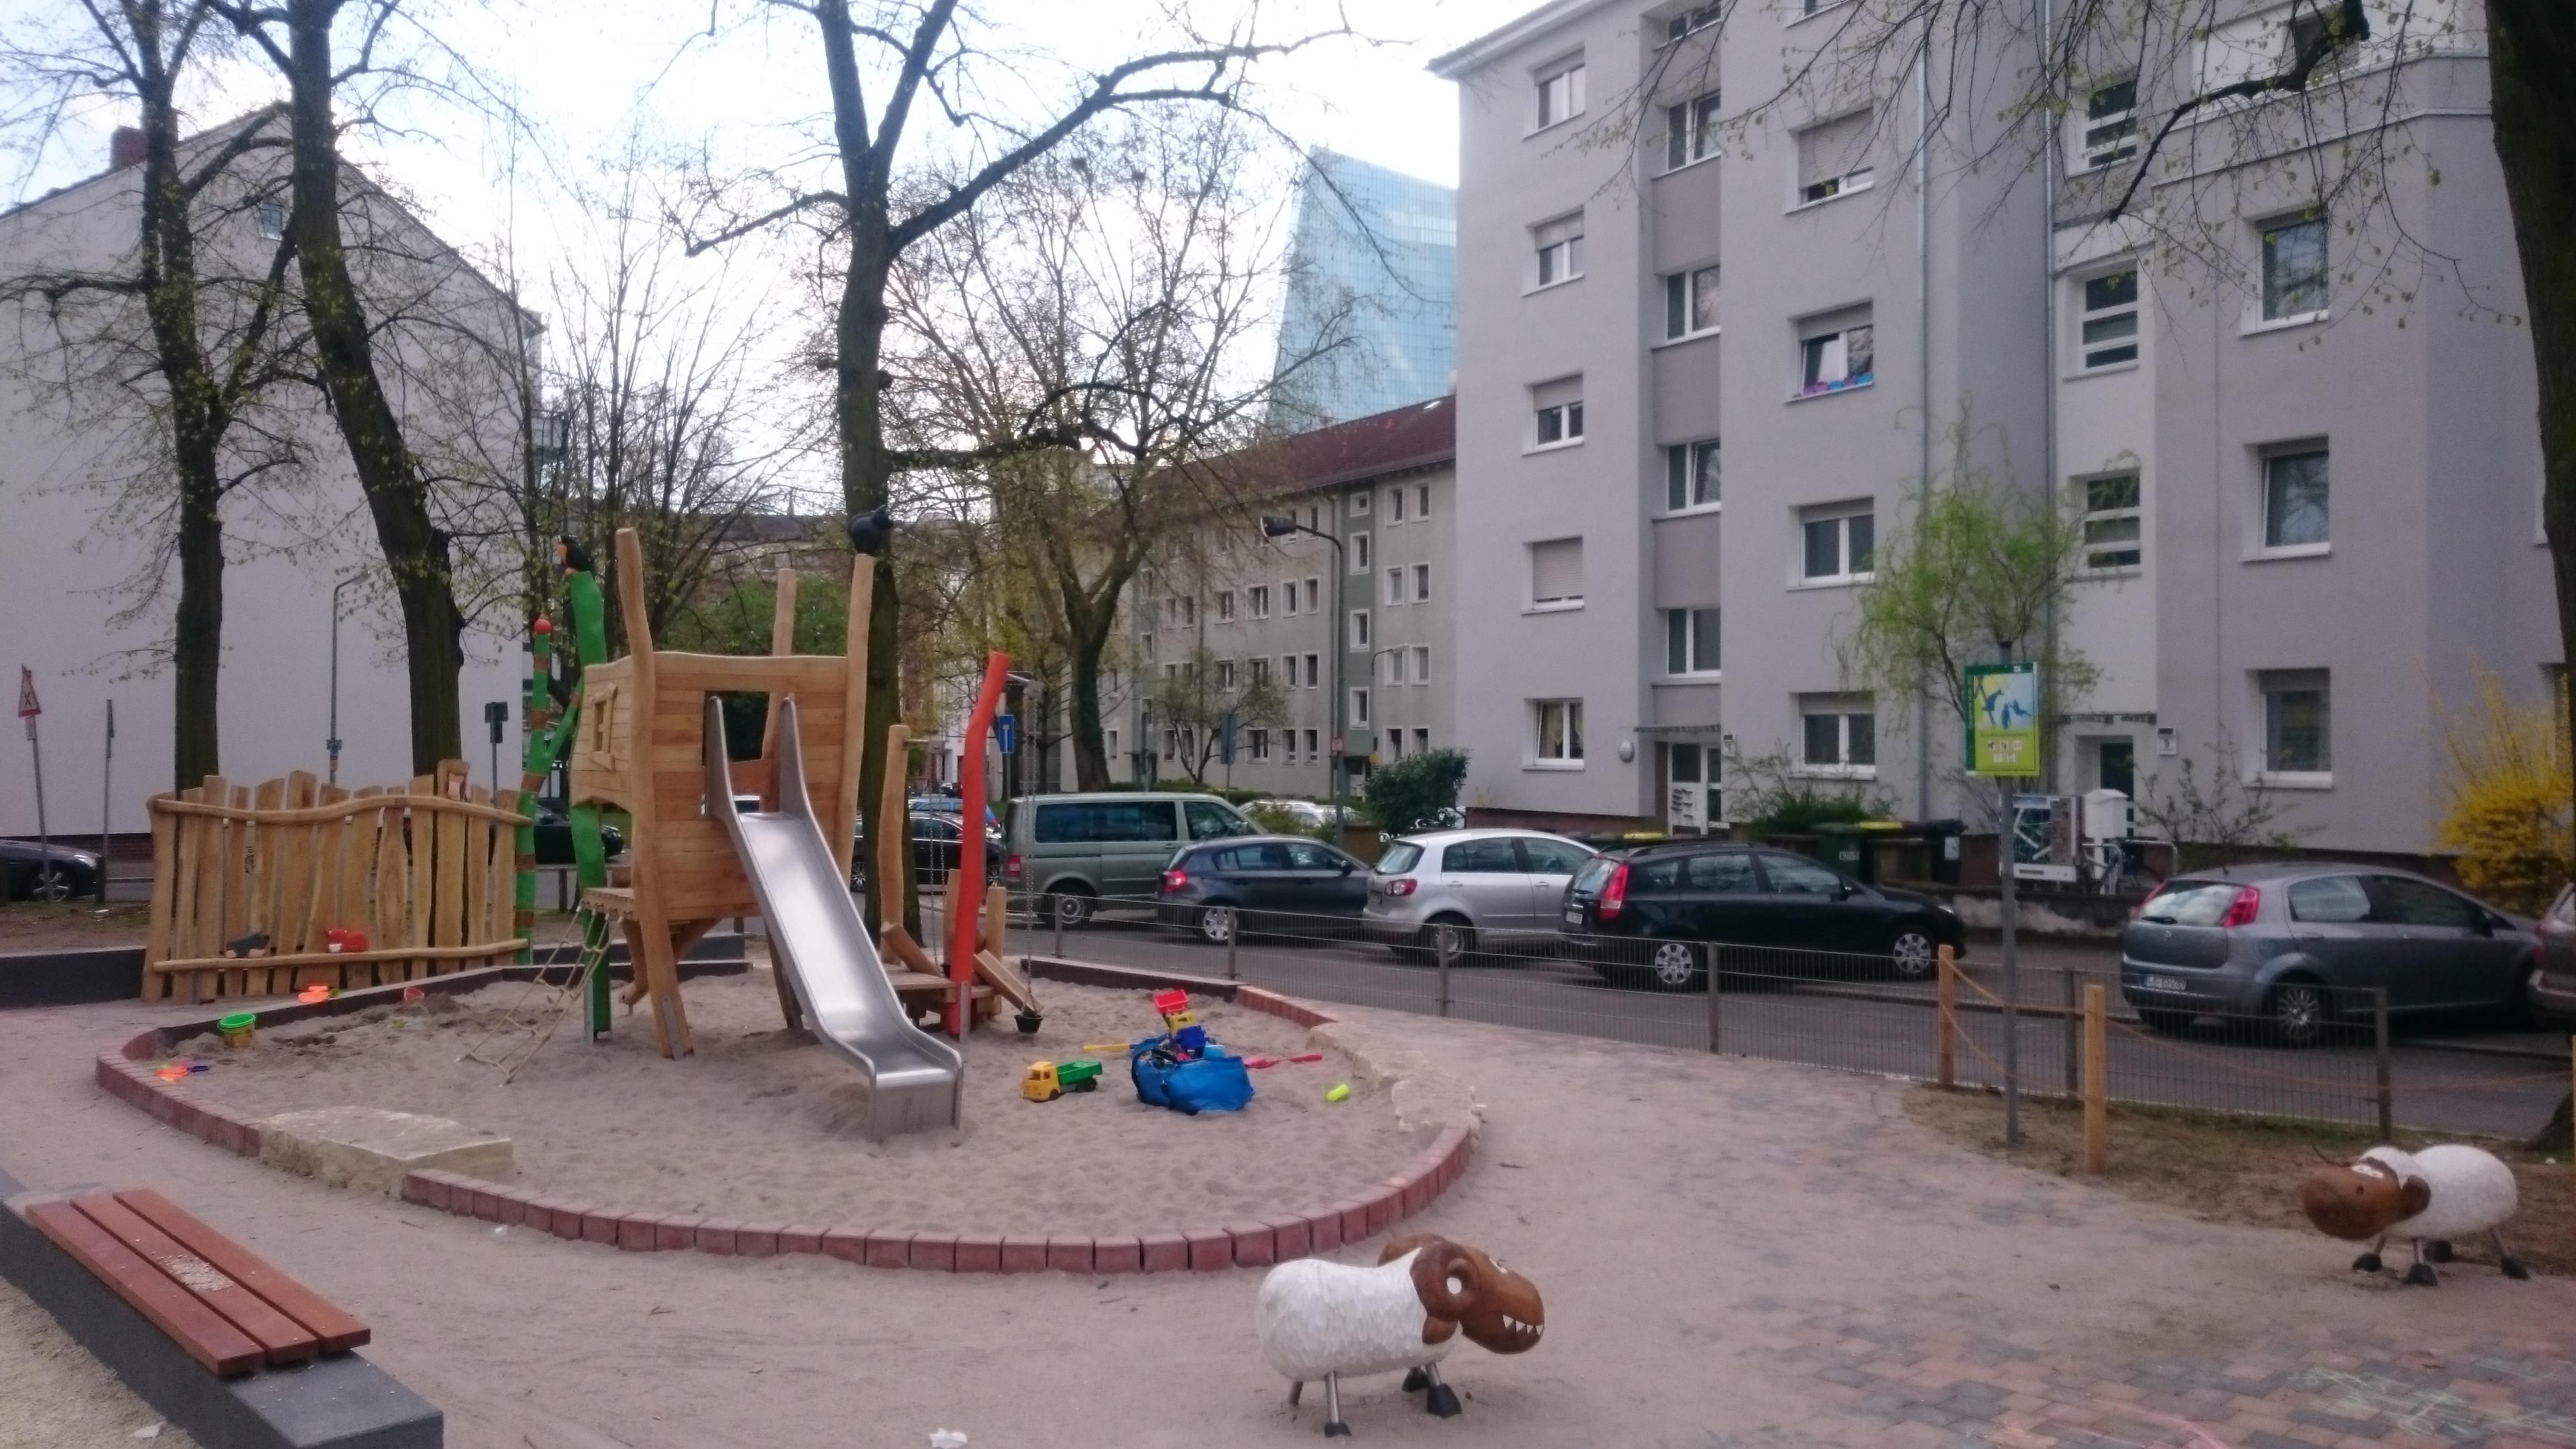 Spielplatz Dörnigheimer Straße